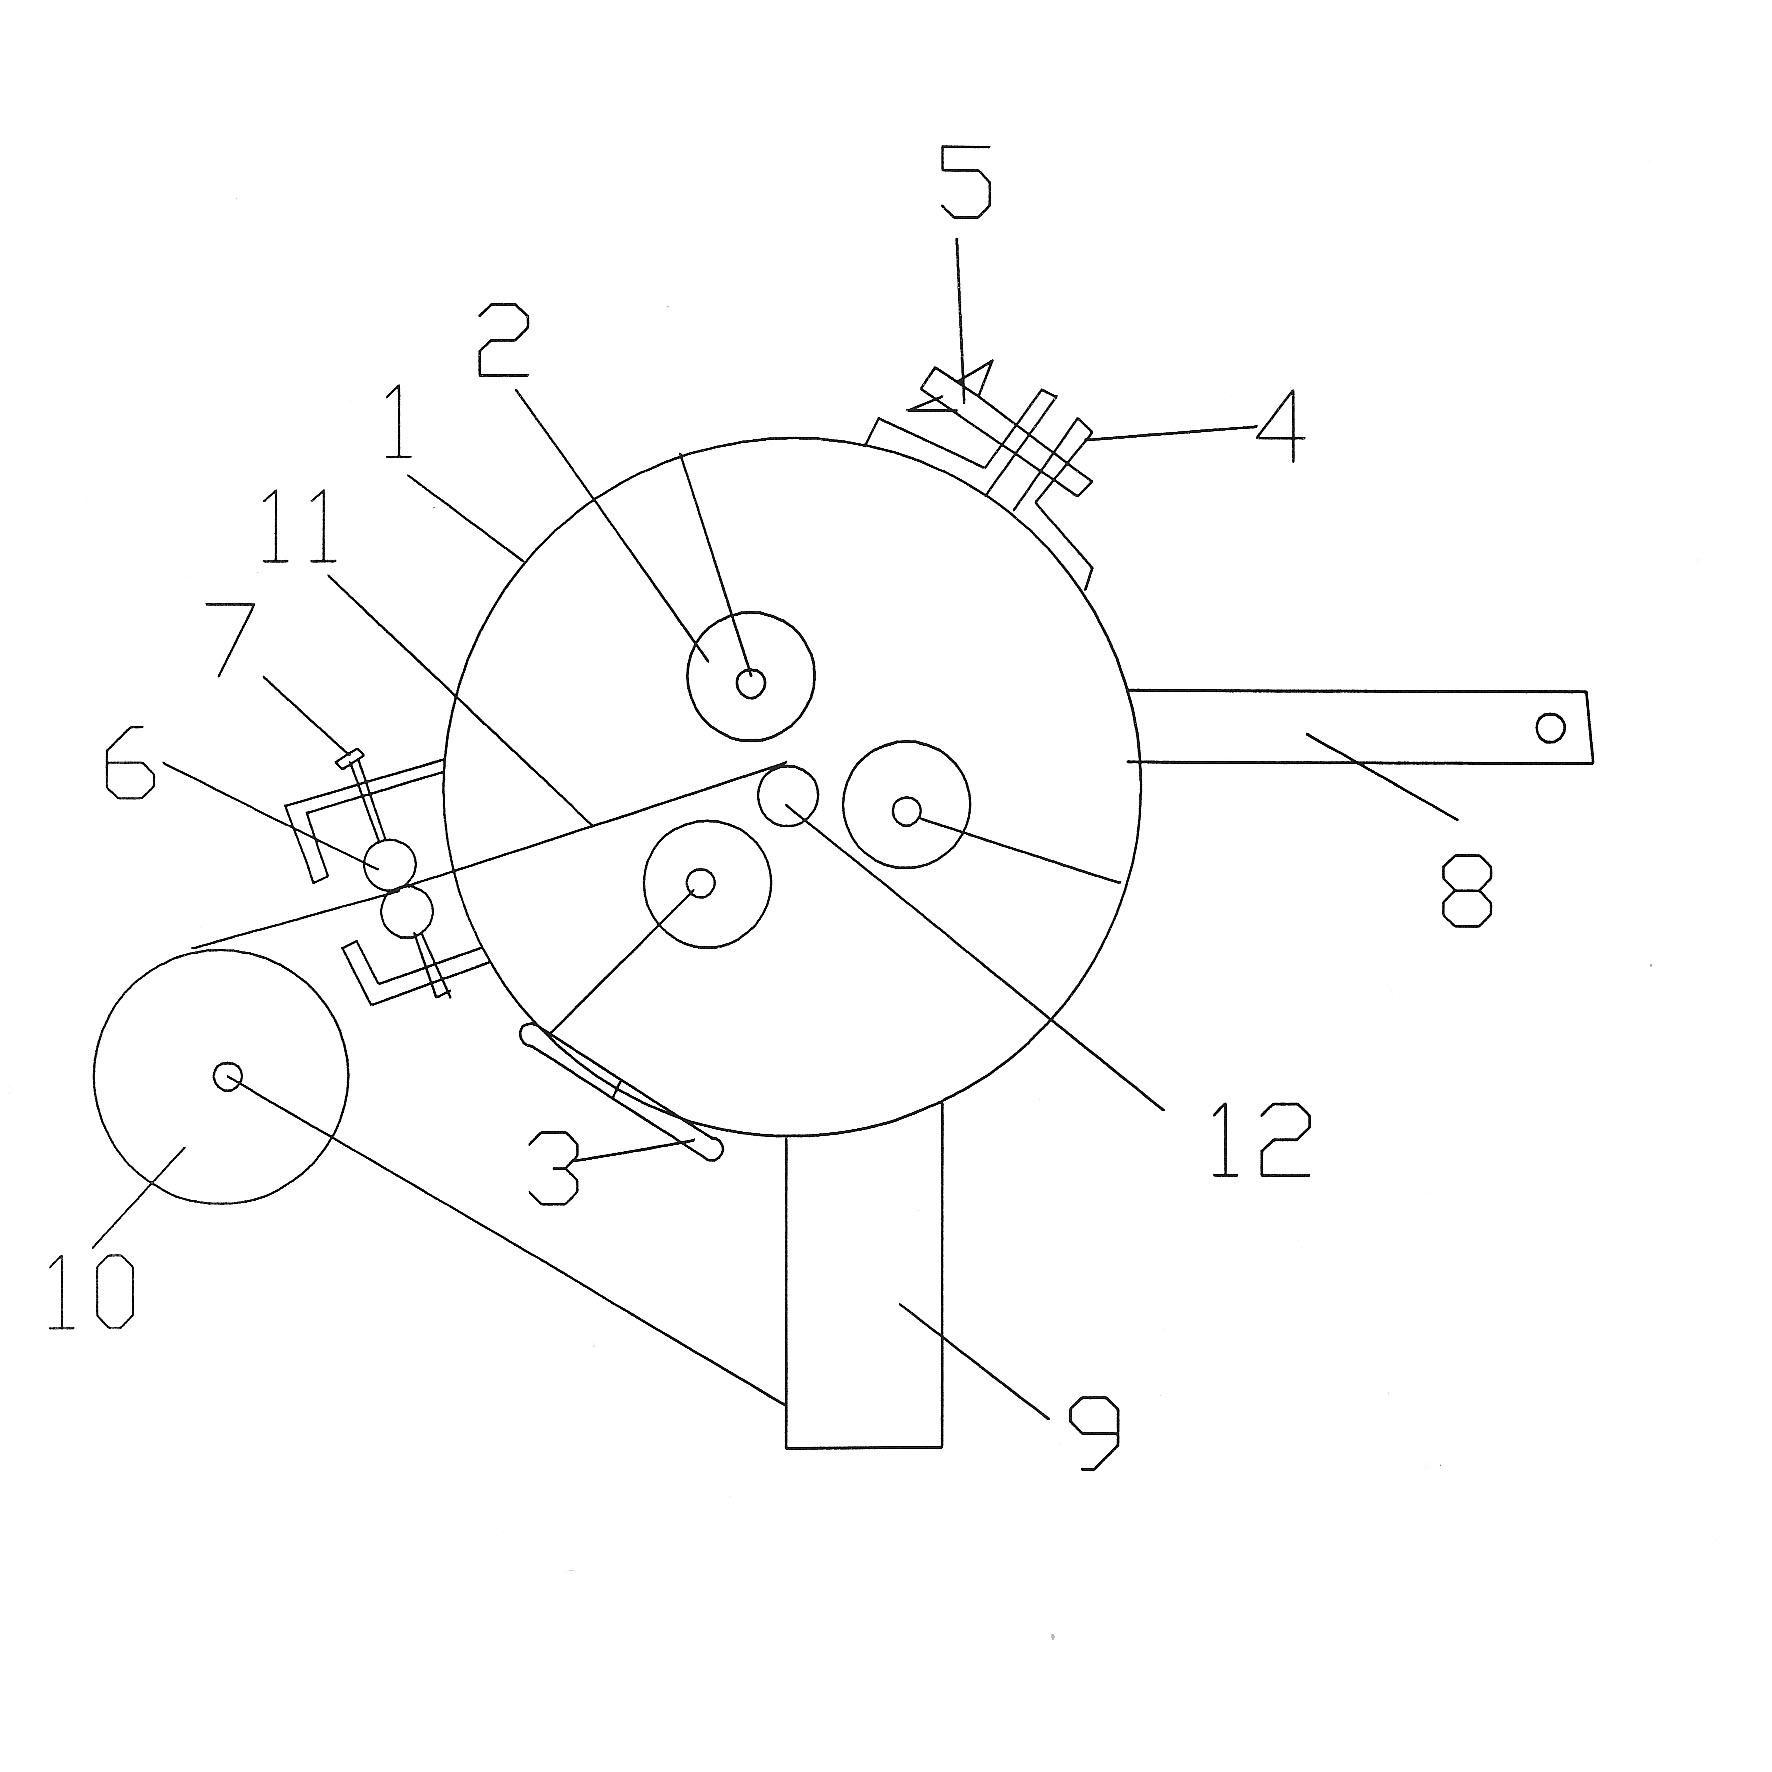 1  手摇式架空线修补缠绕器结构及特点           1.